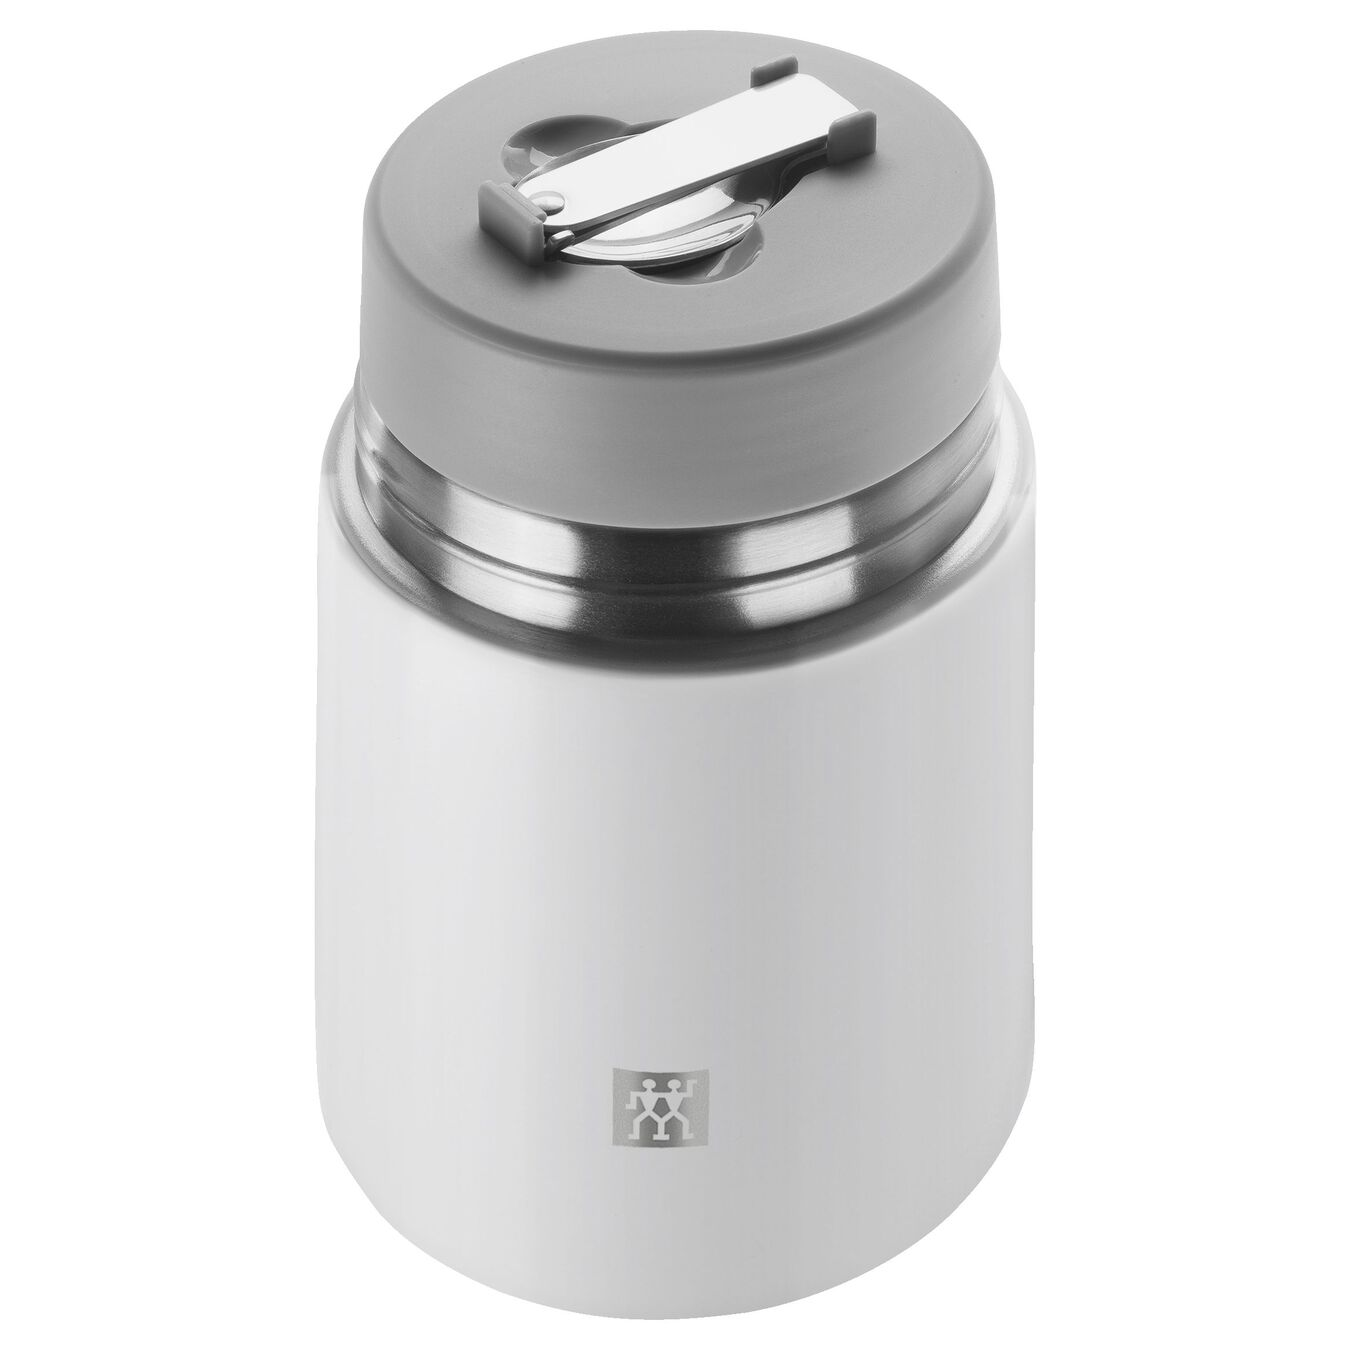 Speisegefäß, Weiß | Edelstahl | 700 ml,,large 3